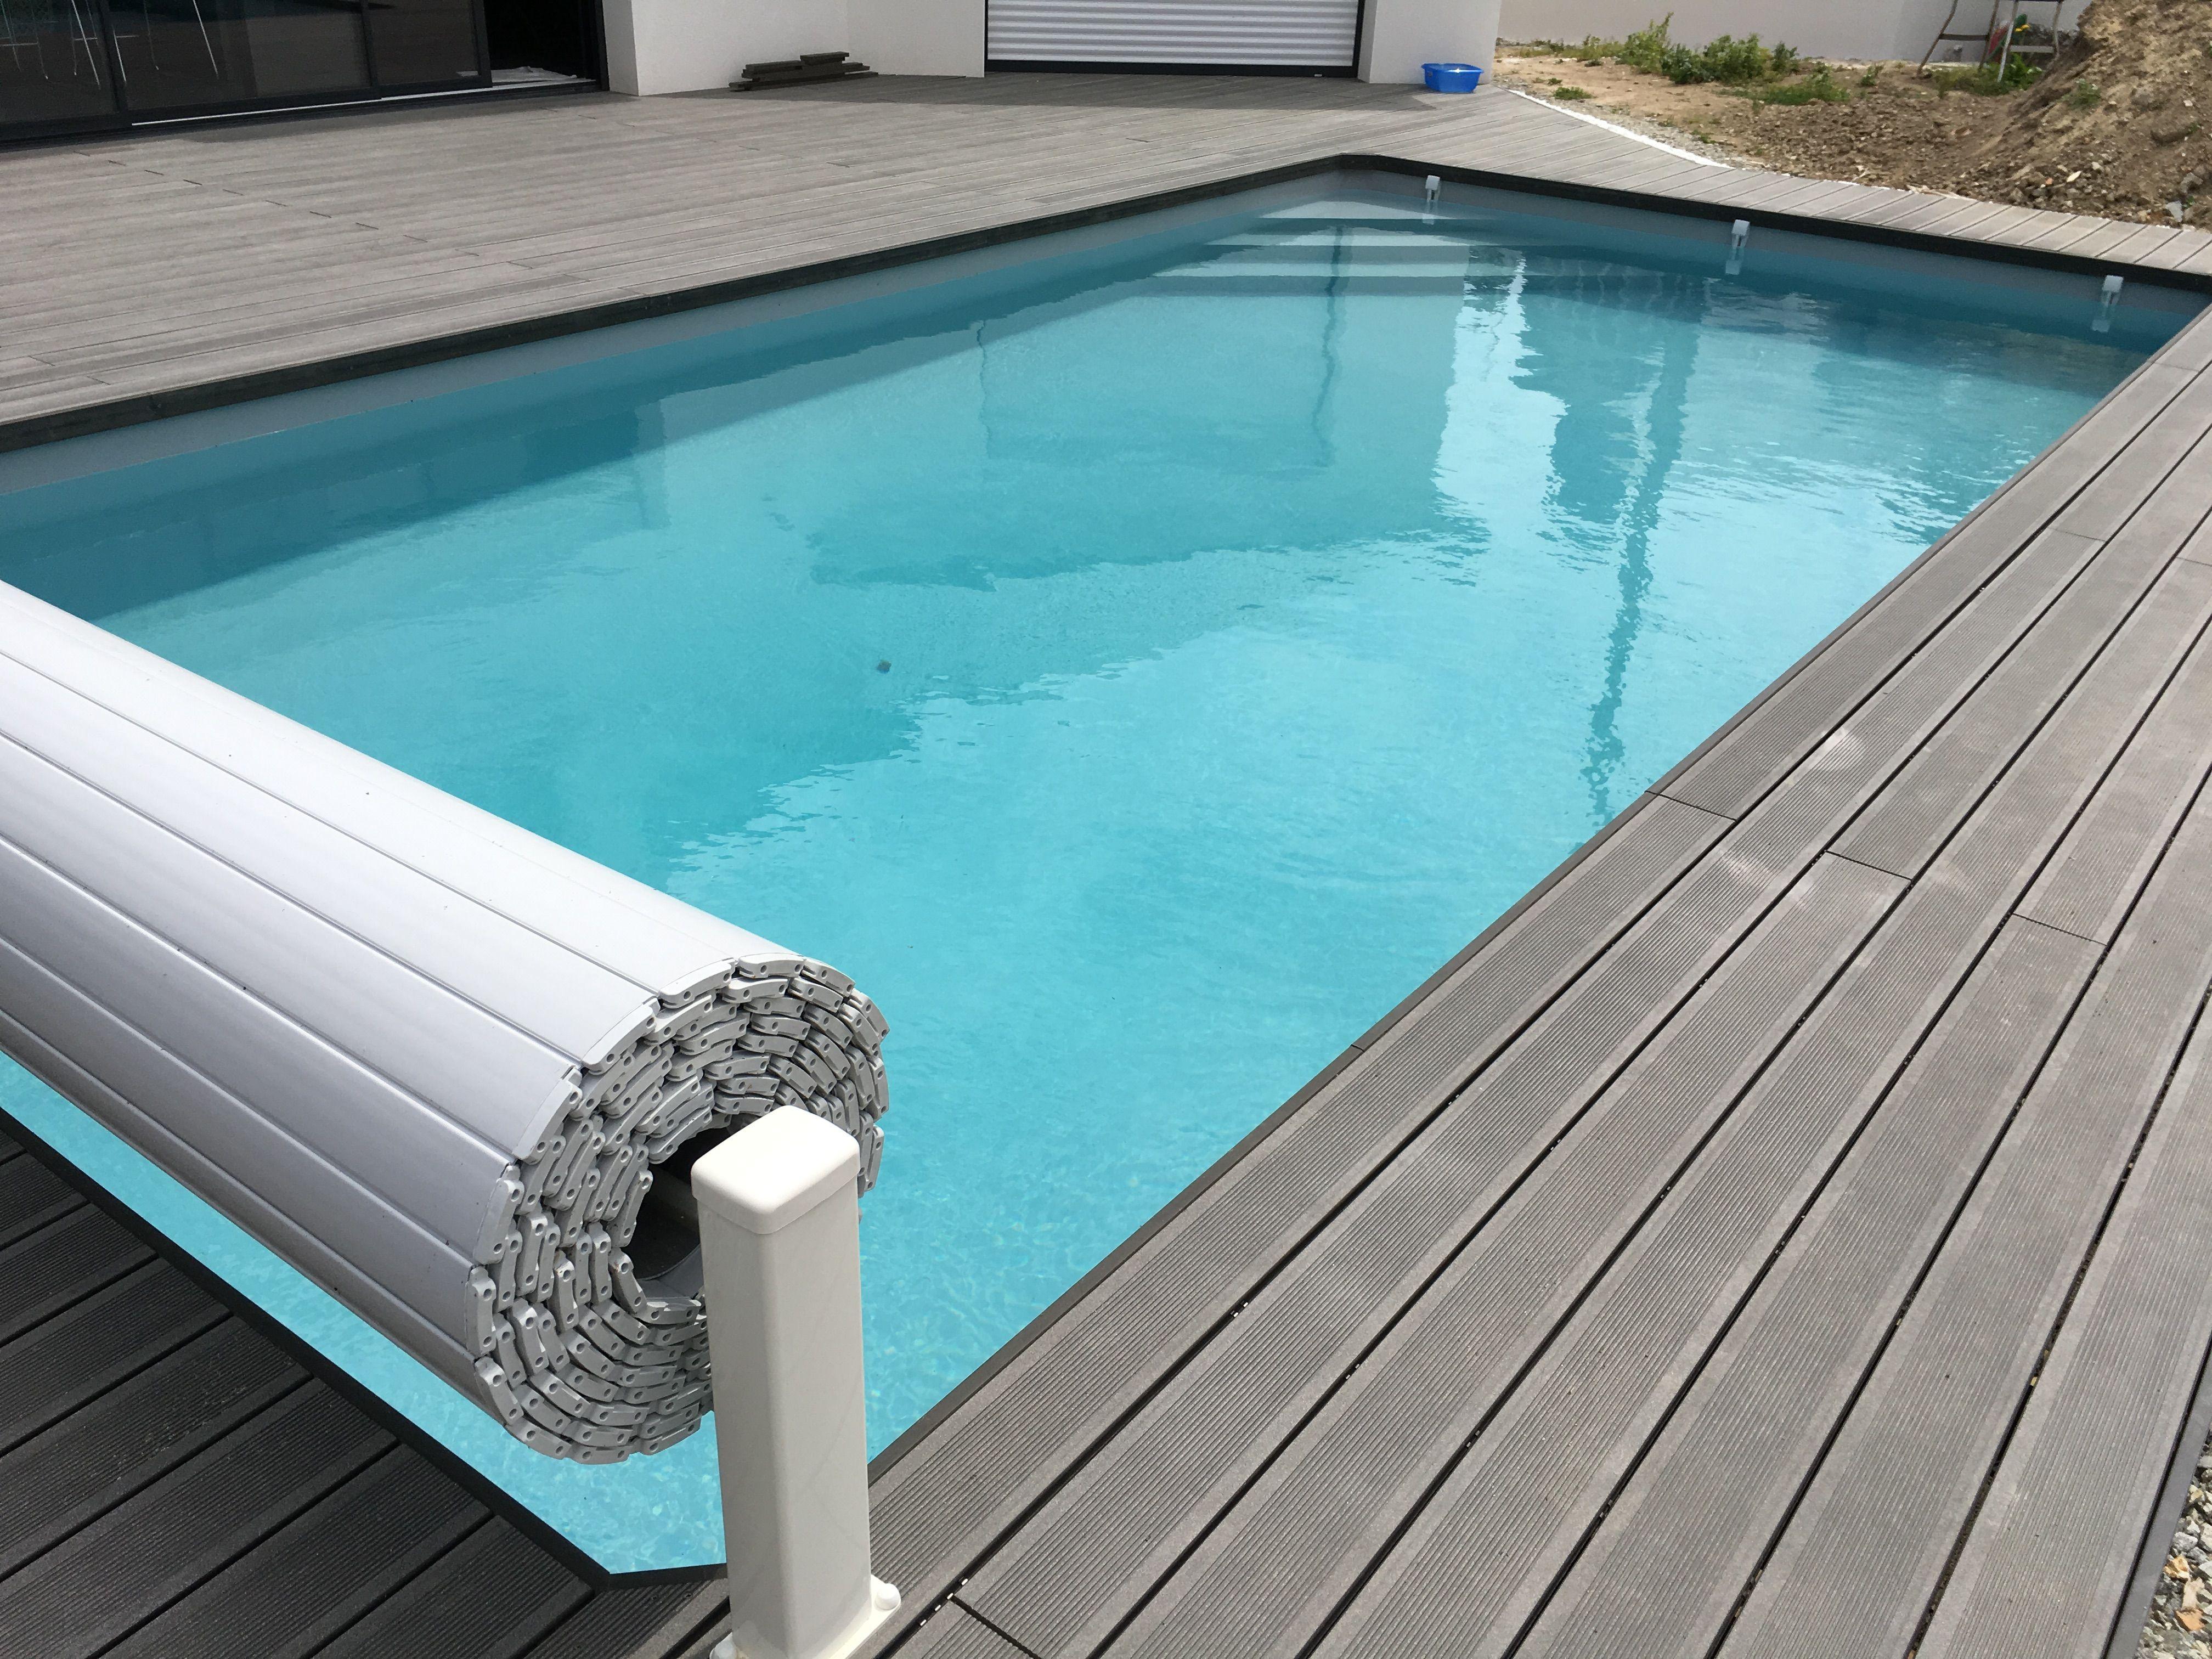 Terrasse En Composite Autour D Une Piscine Realisee Par An Oriant Sols Terrasse Terrassecomposite Piscine Anori Terrasse Composite Terrasse Carrelee Terrasse